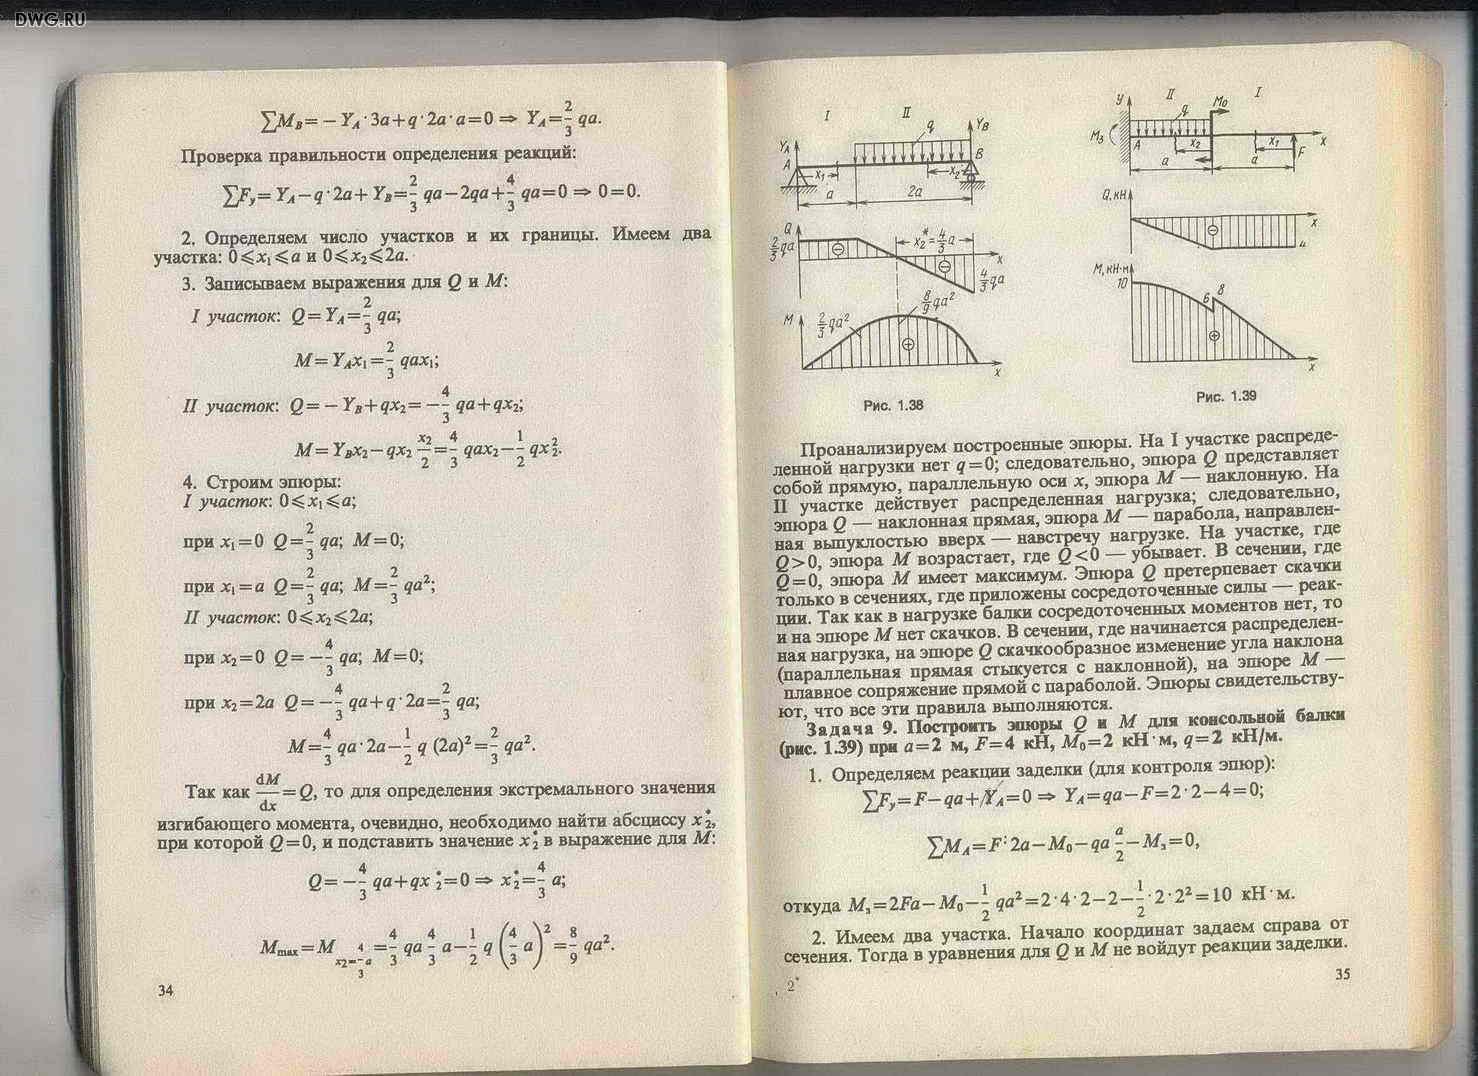 Решение задач по сопротивлению материалов решение задач на одномерная стационарная теплопроводность